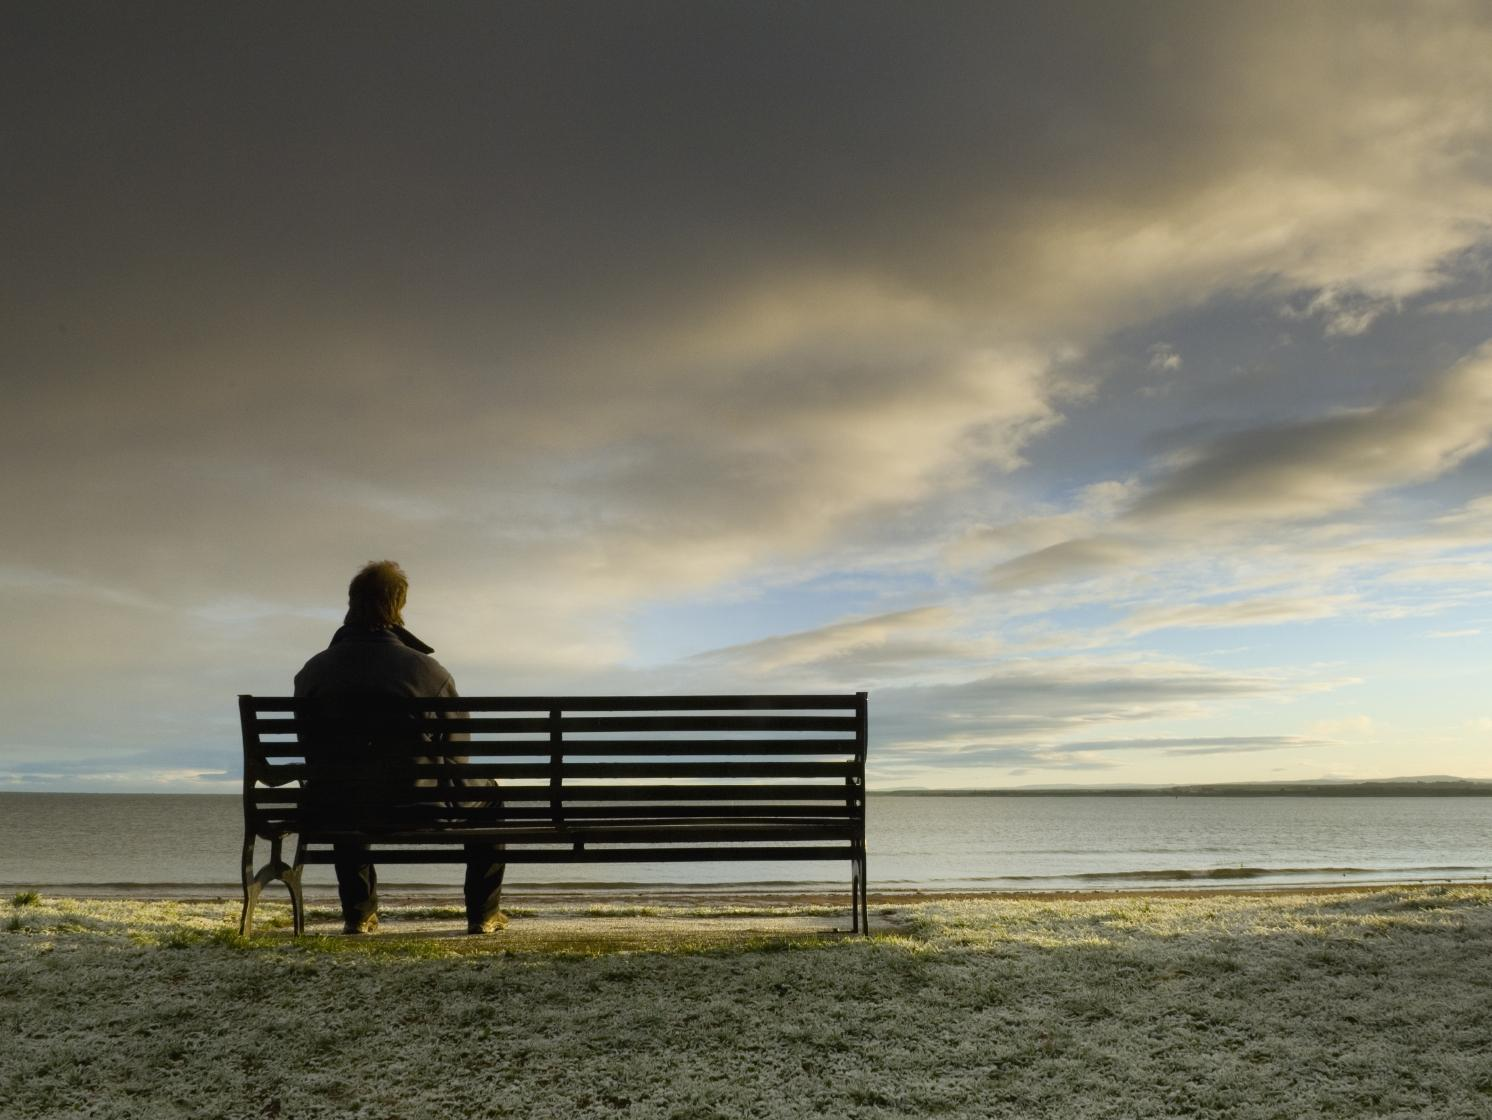 Suma conmigo, soledad